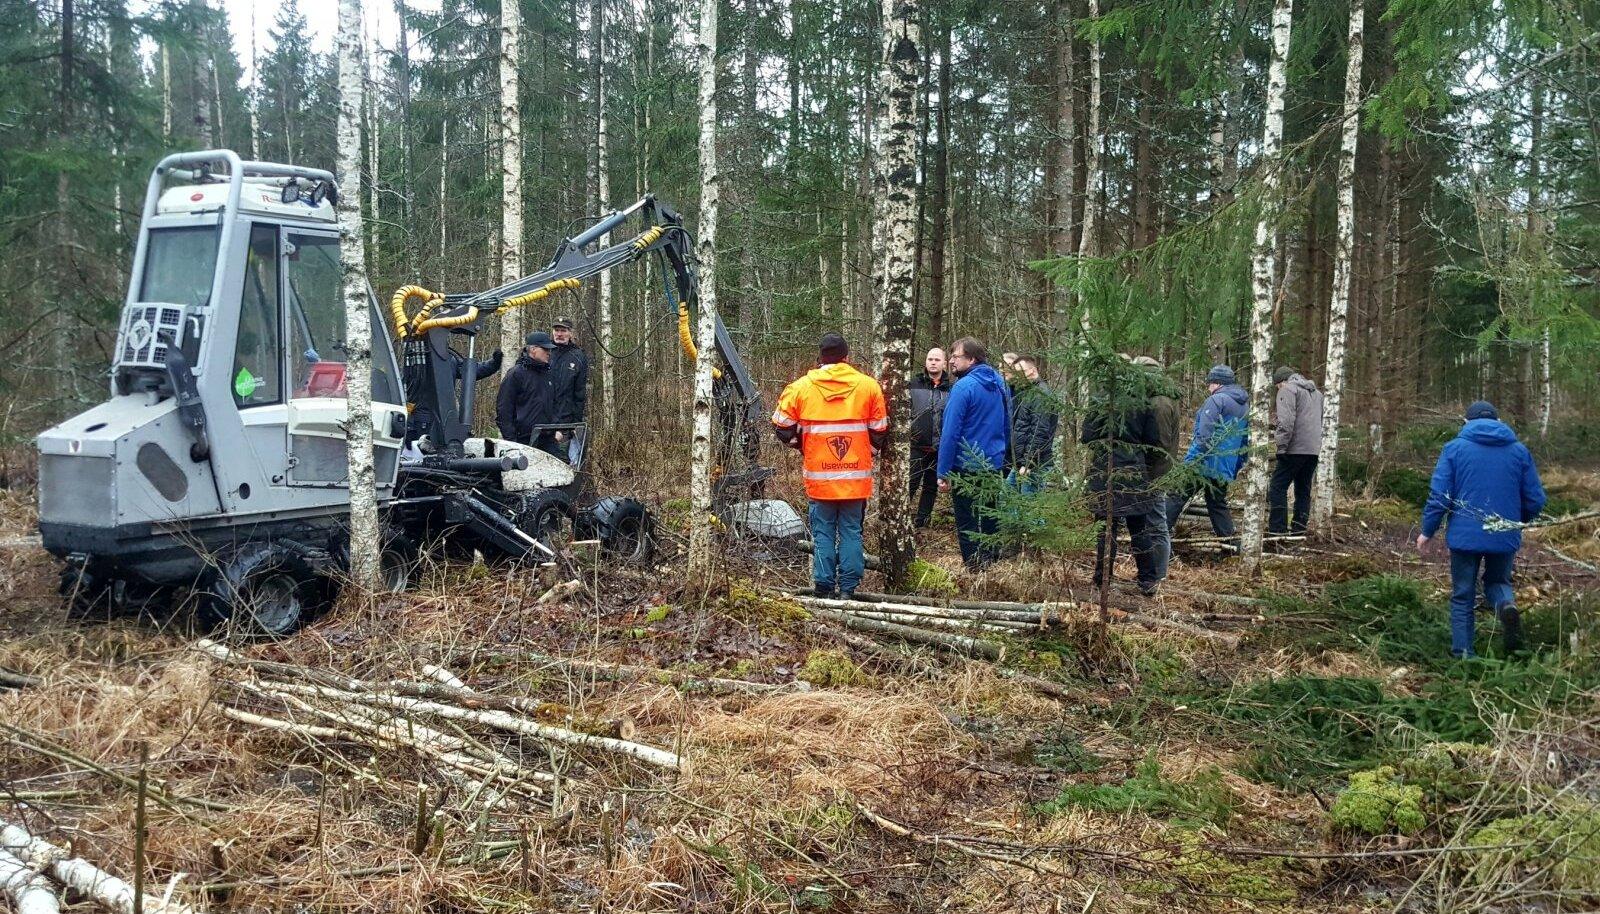 Erametsakeskuse ülesandeks on peale toetuste jagamise ka erametsanduse tugisüsteemi arendamine ja erametsandusalase koostöö edendamine rahvusvahelistes projektides. Fotol projekti Baltic ForBio väliskülalised Eestis miniharvesteride tööga tutvumas.